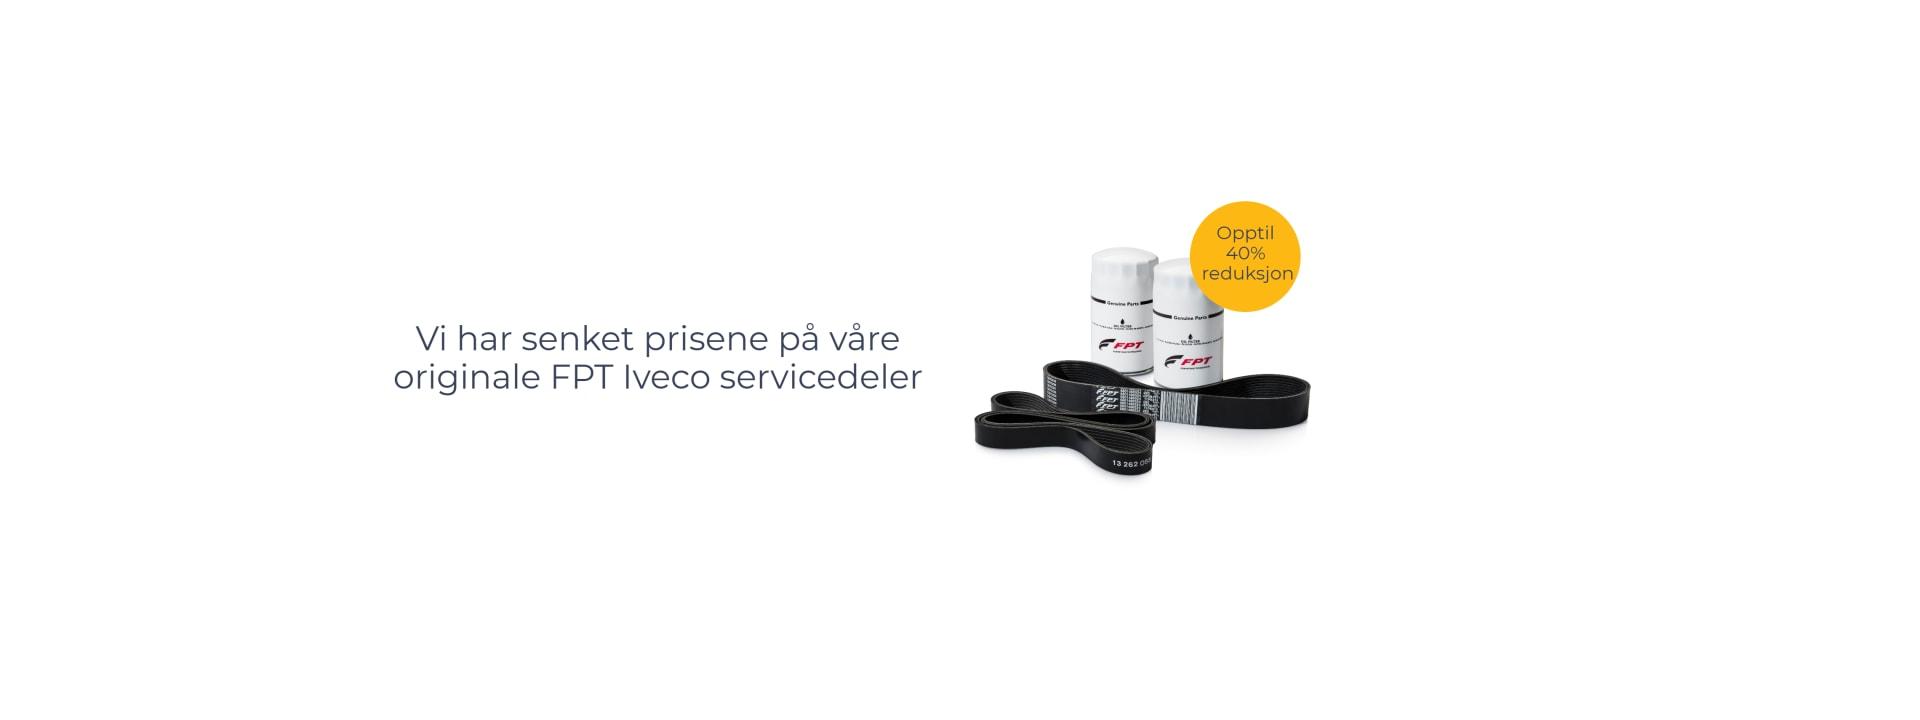 Reduserte priser på originale kvalitetsdeler fra FPT Iveco